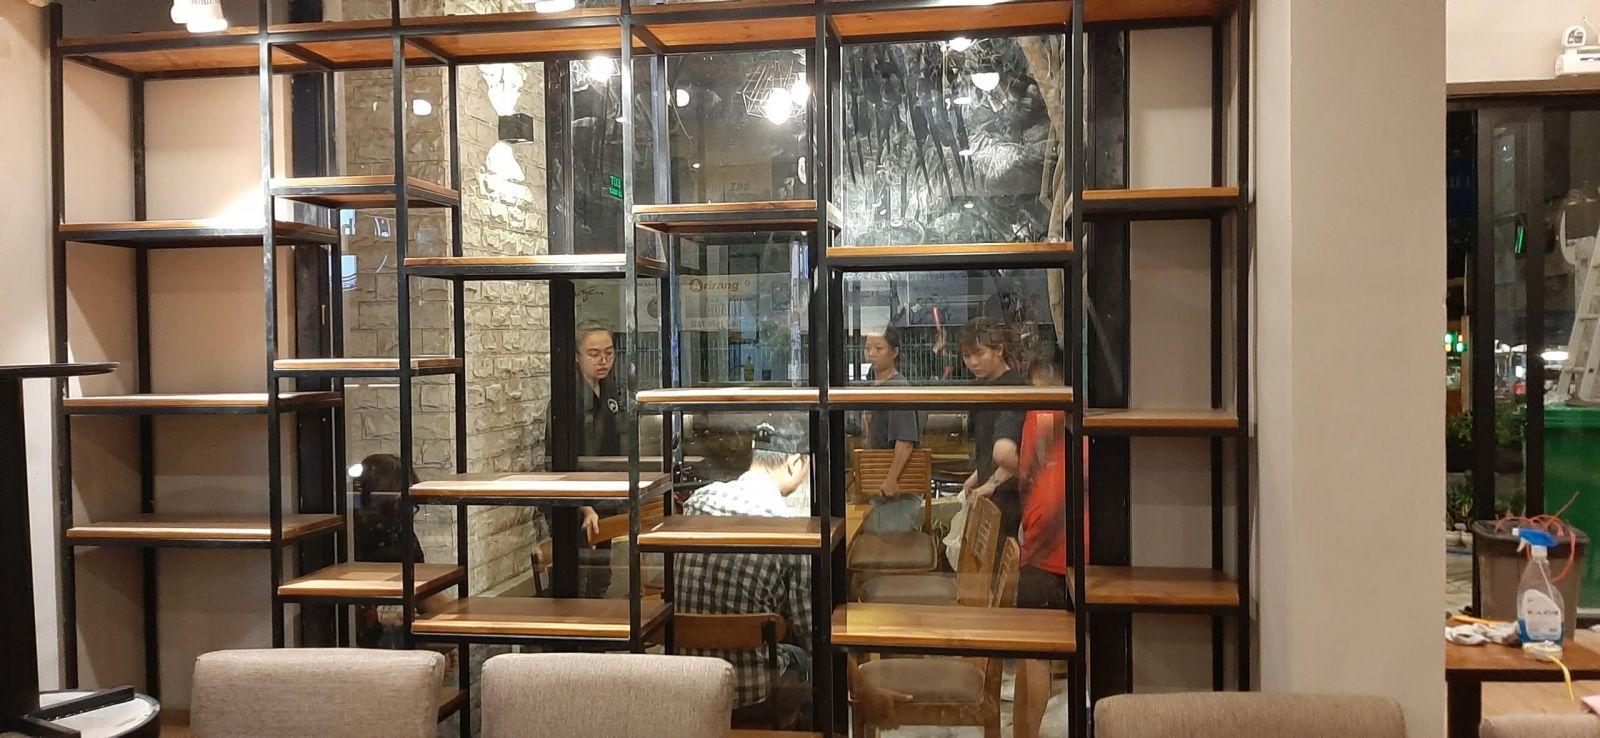 kệ gỗ trang trí quán cafe